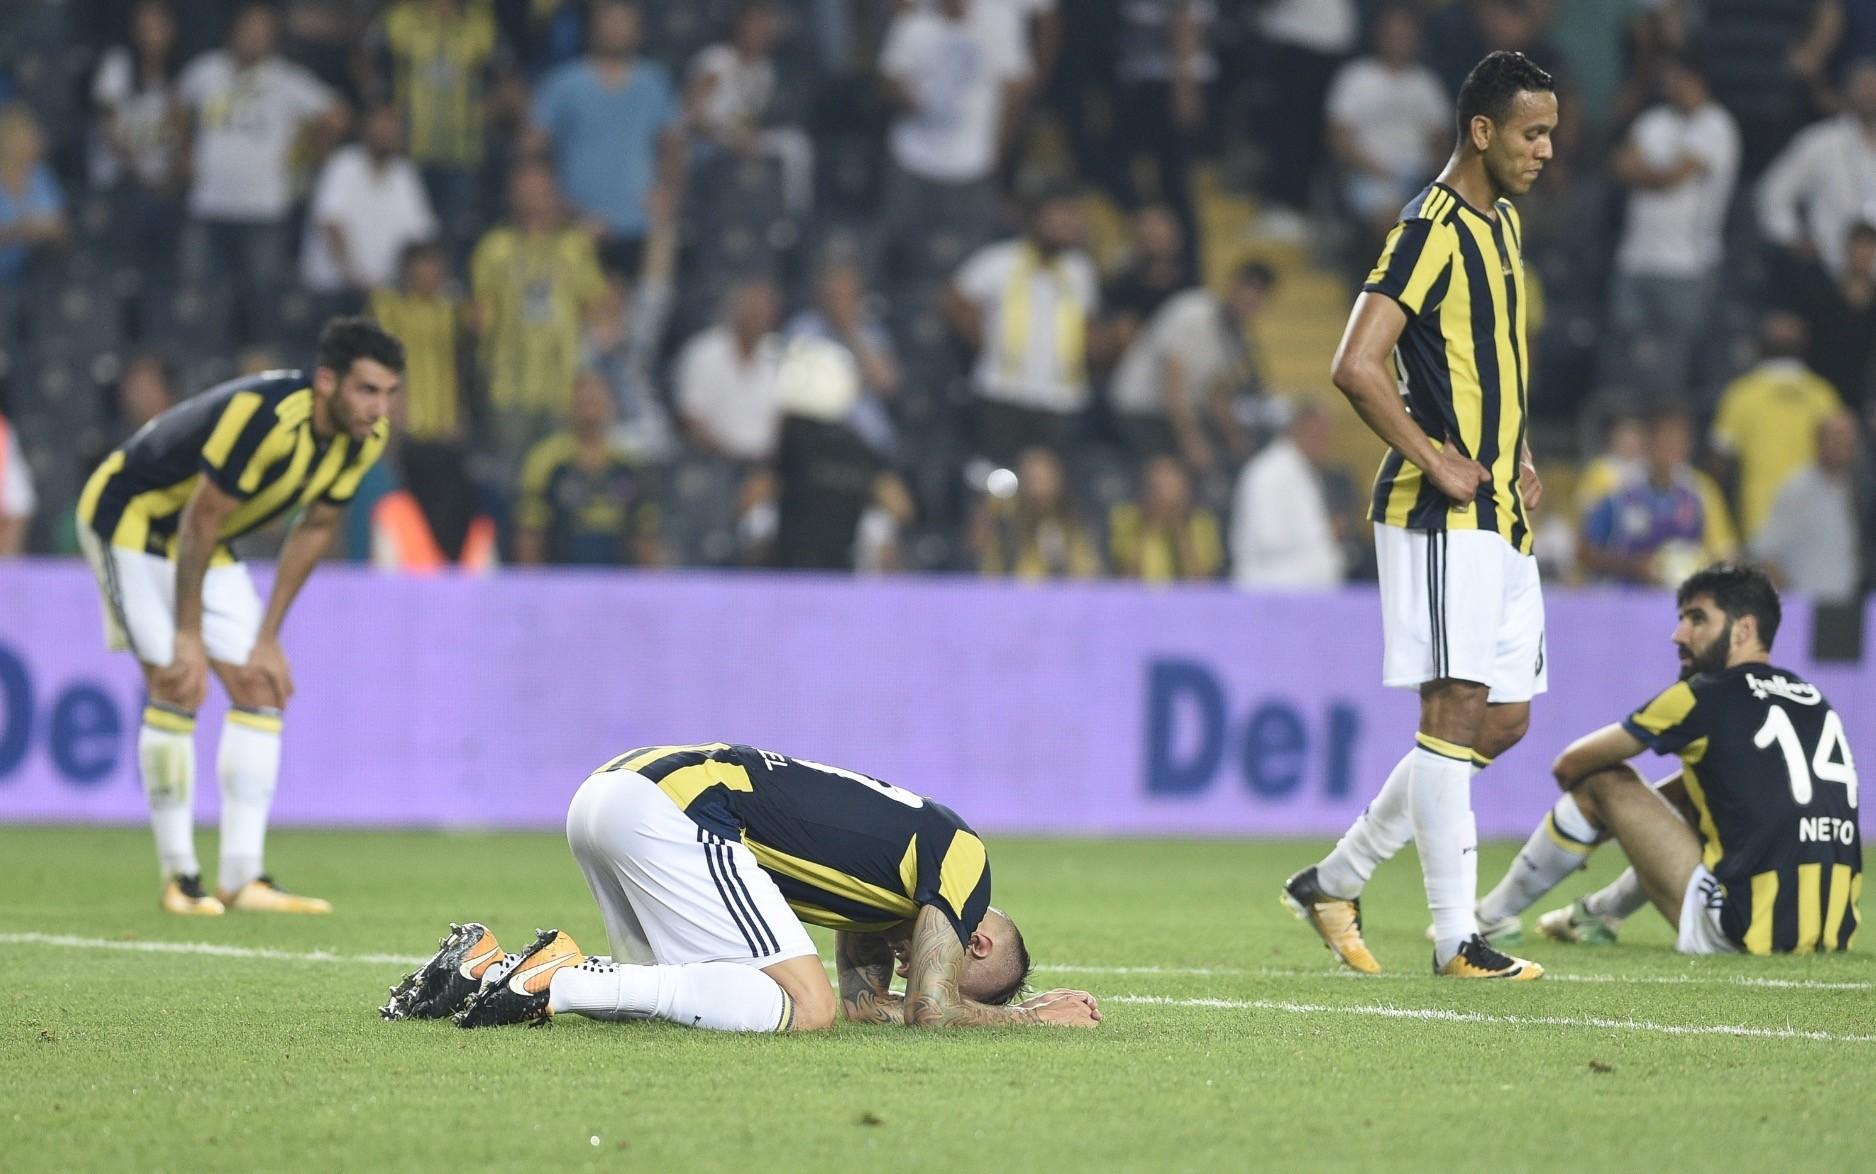 After Fener lost again Bau015faku015fehirspor, fans reacted angrily.